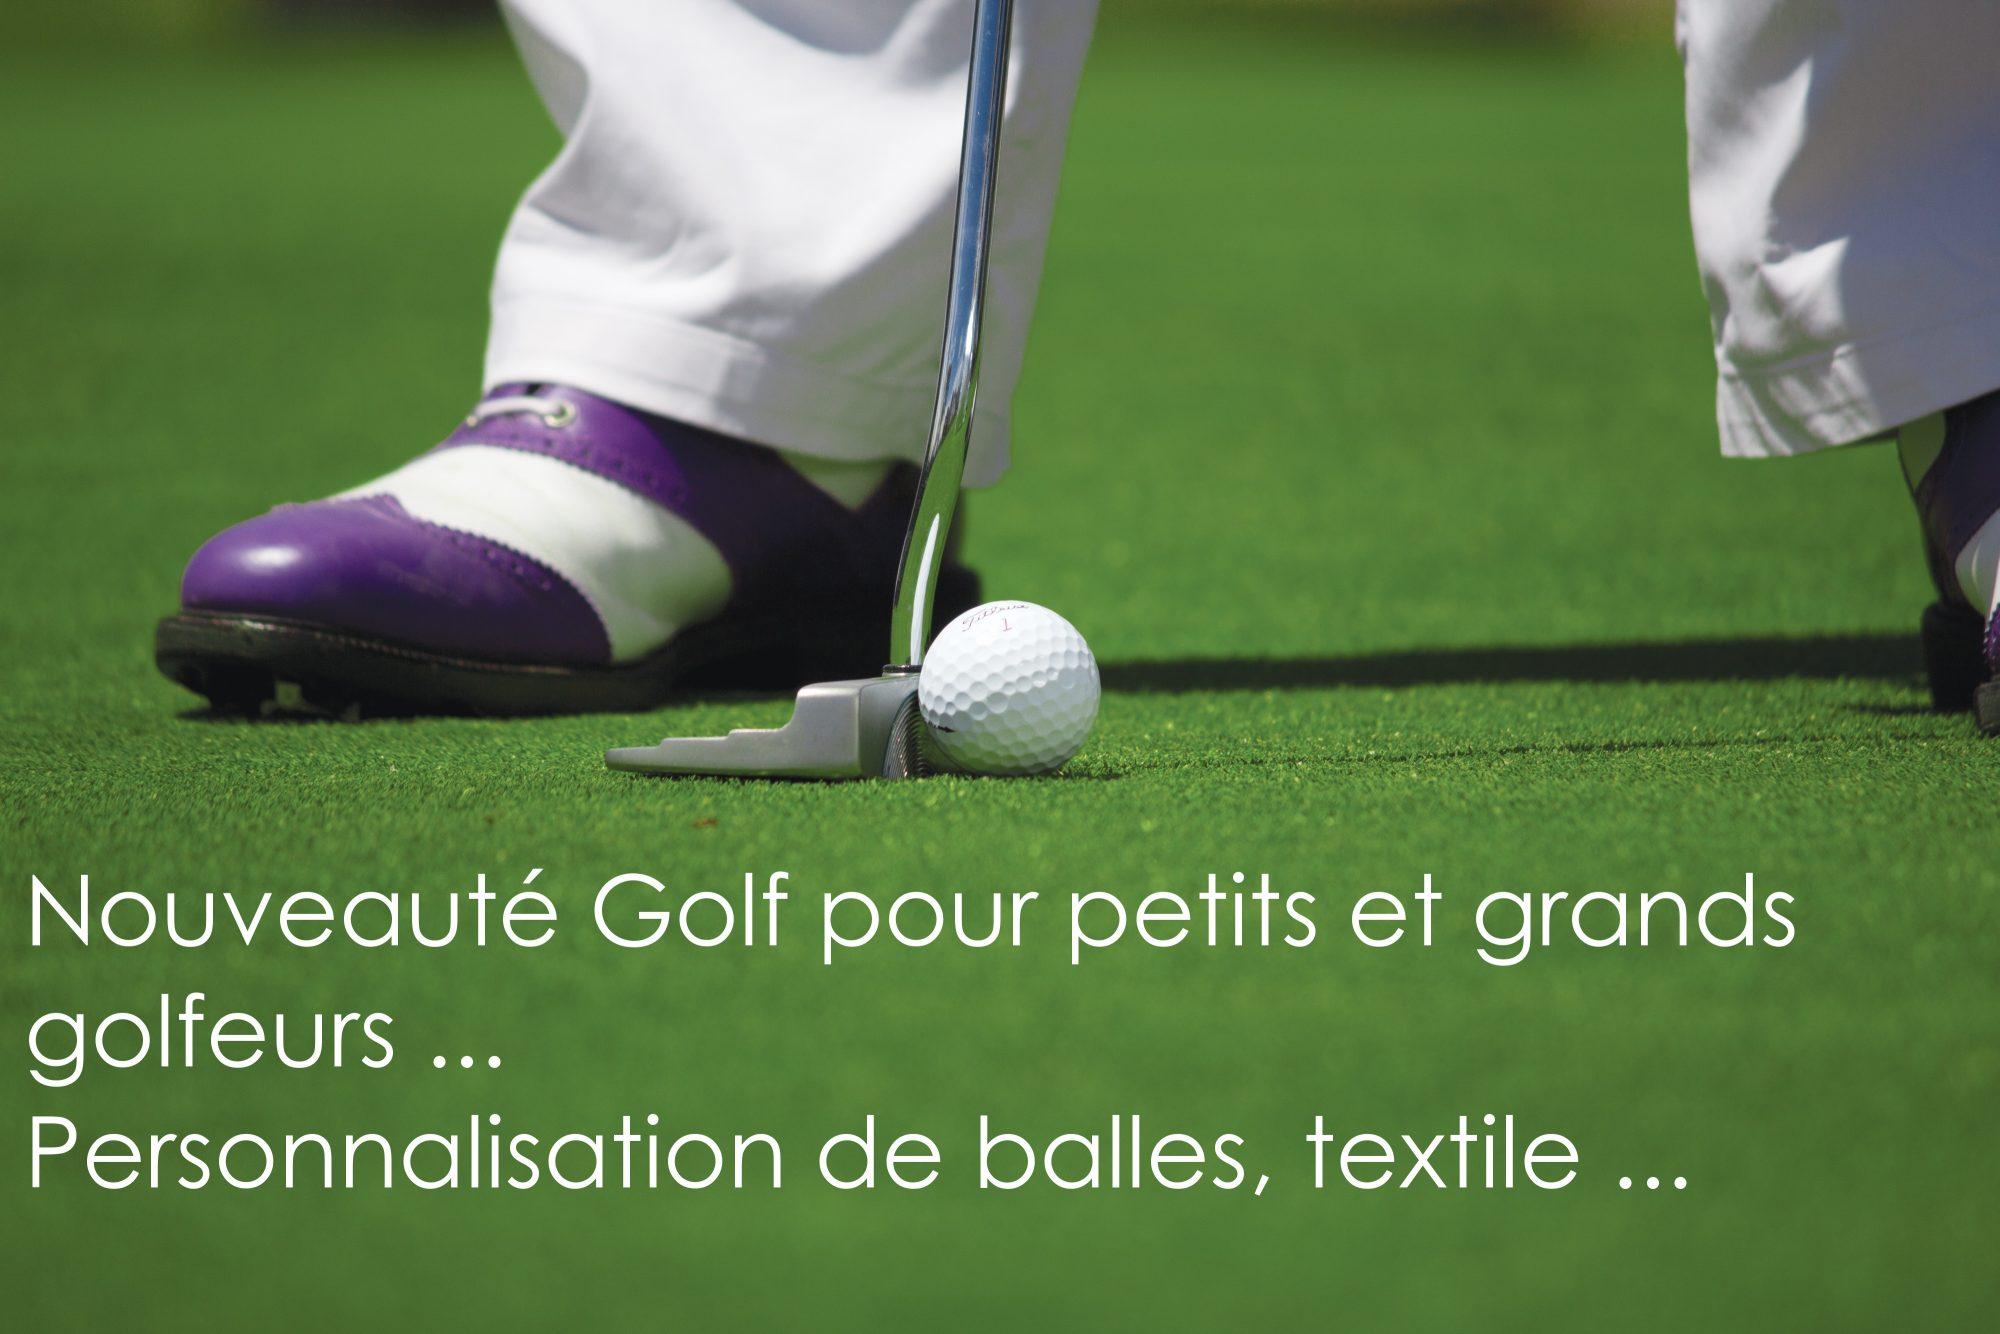 Nouveaute-golf-08.16-e1485441226631